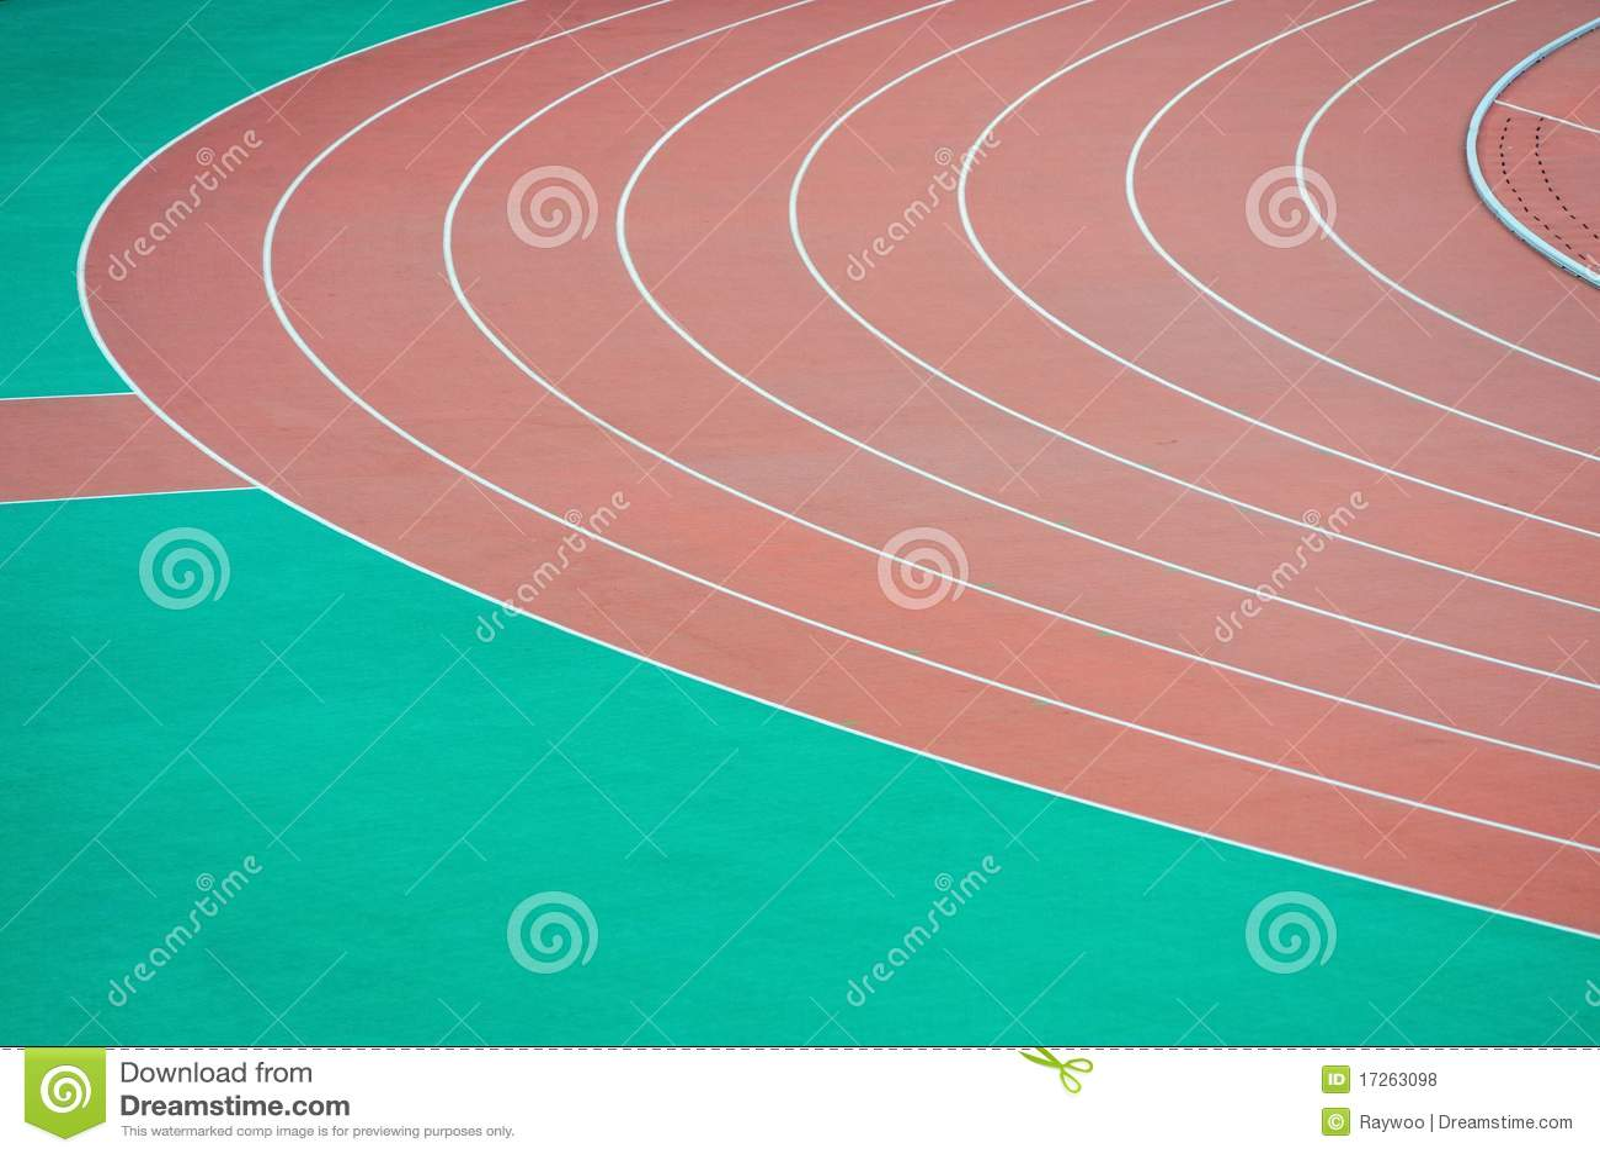 Running Track Clipart Athletics running track